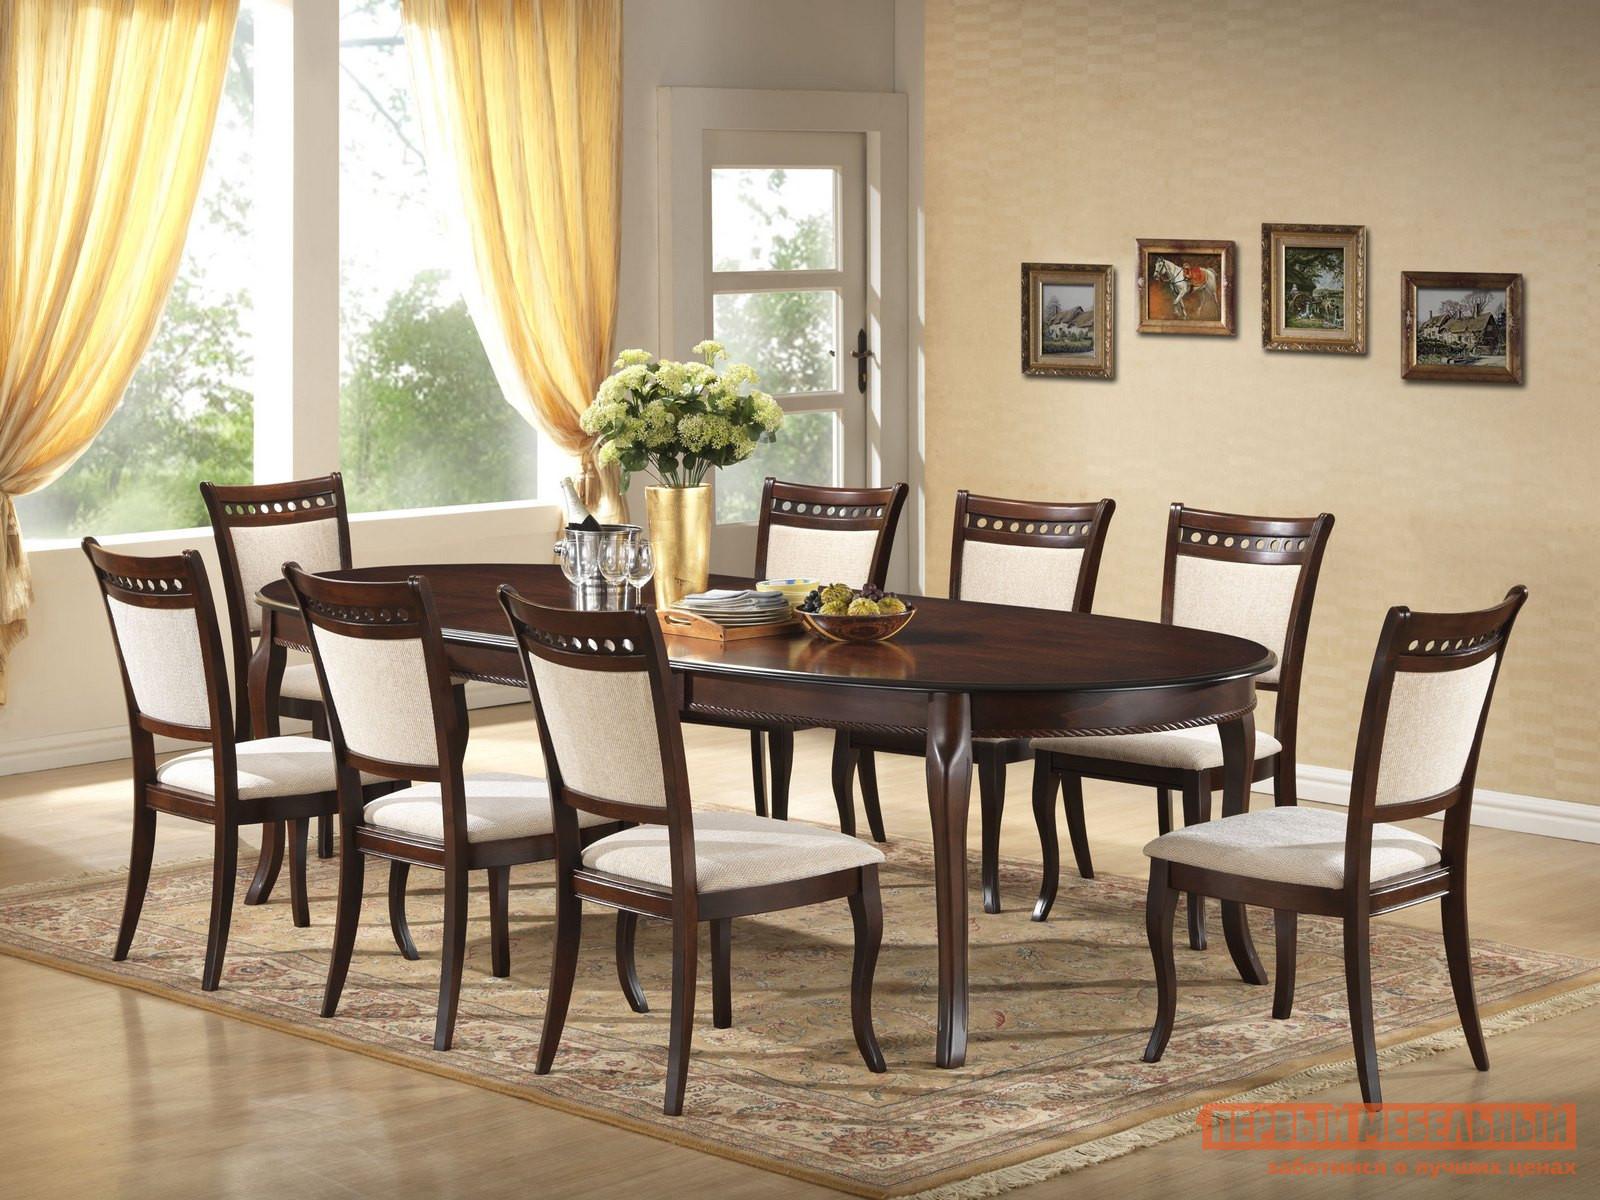 Обеденная группа для столовой и гостиной Mebwill Emperor RY-T10EX2LB + 8 CR-SC3 Walnut